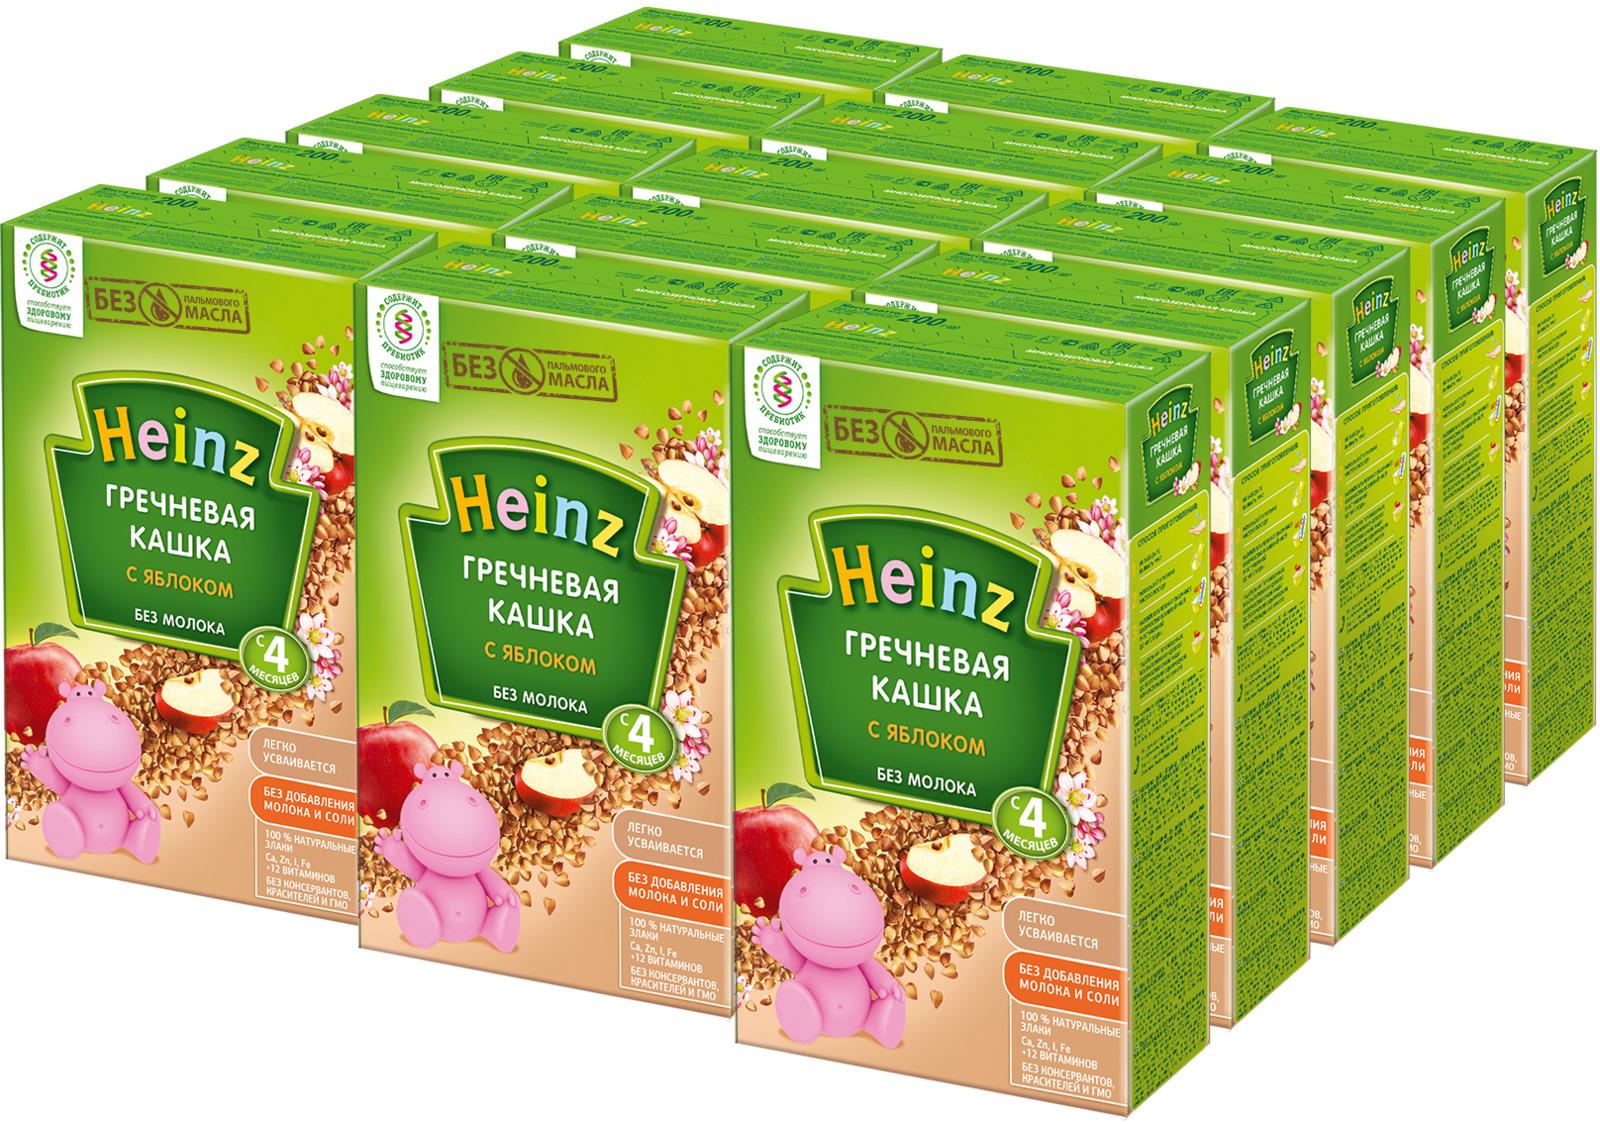 Гречневая кашка Heinz